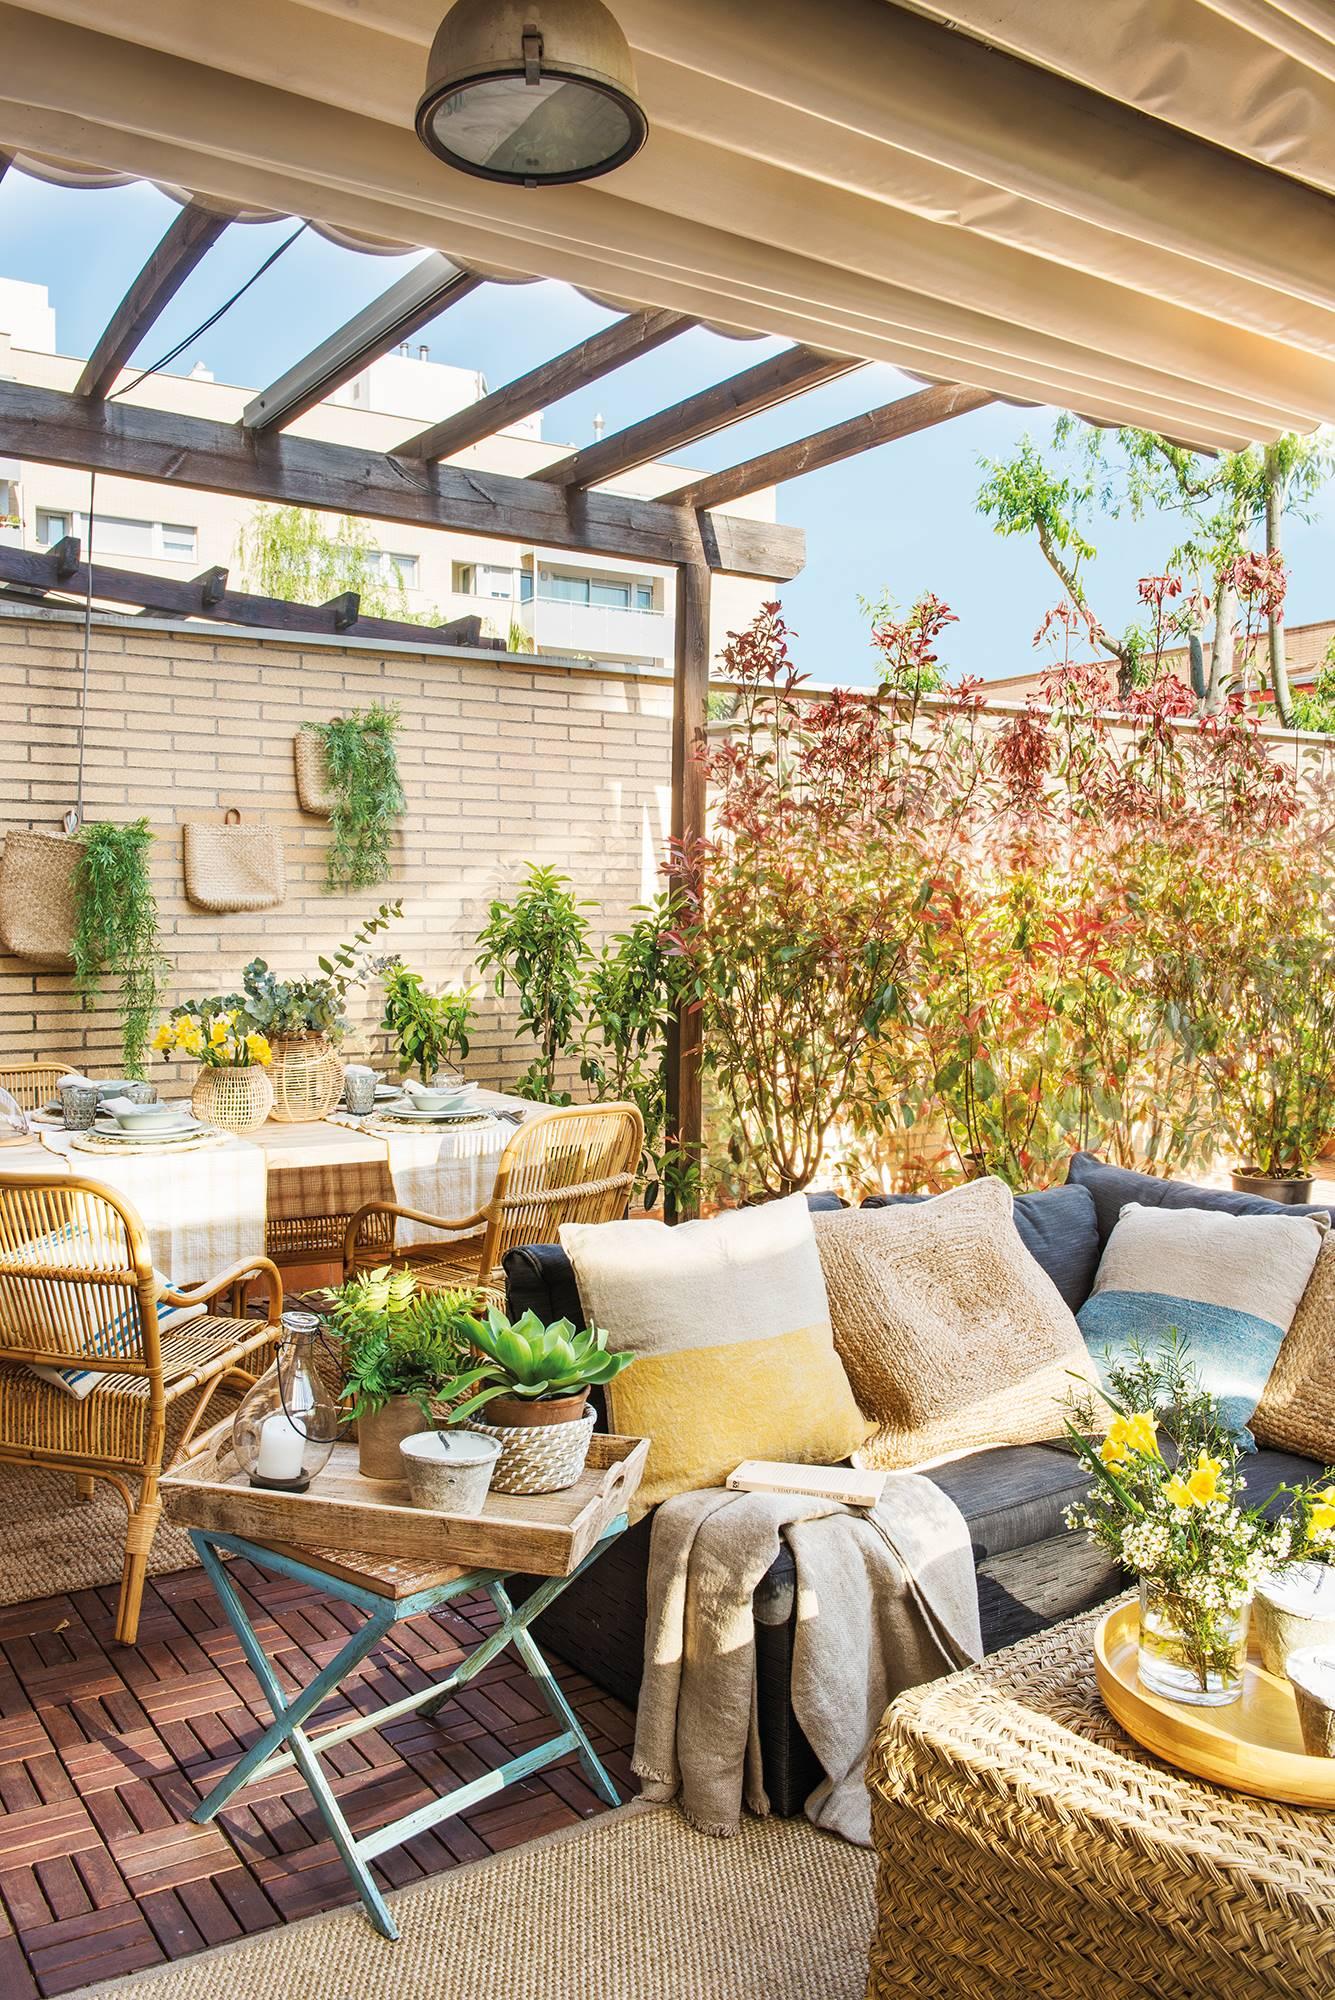 Plantas bajas ventajas e inconvenientes for Idea paisajismo patio al aire libre